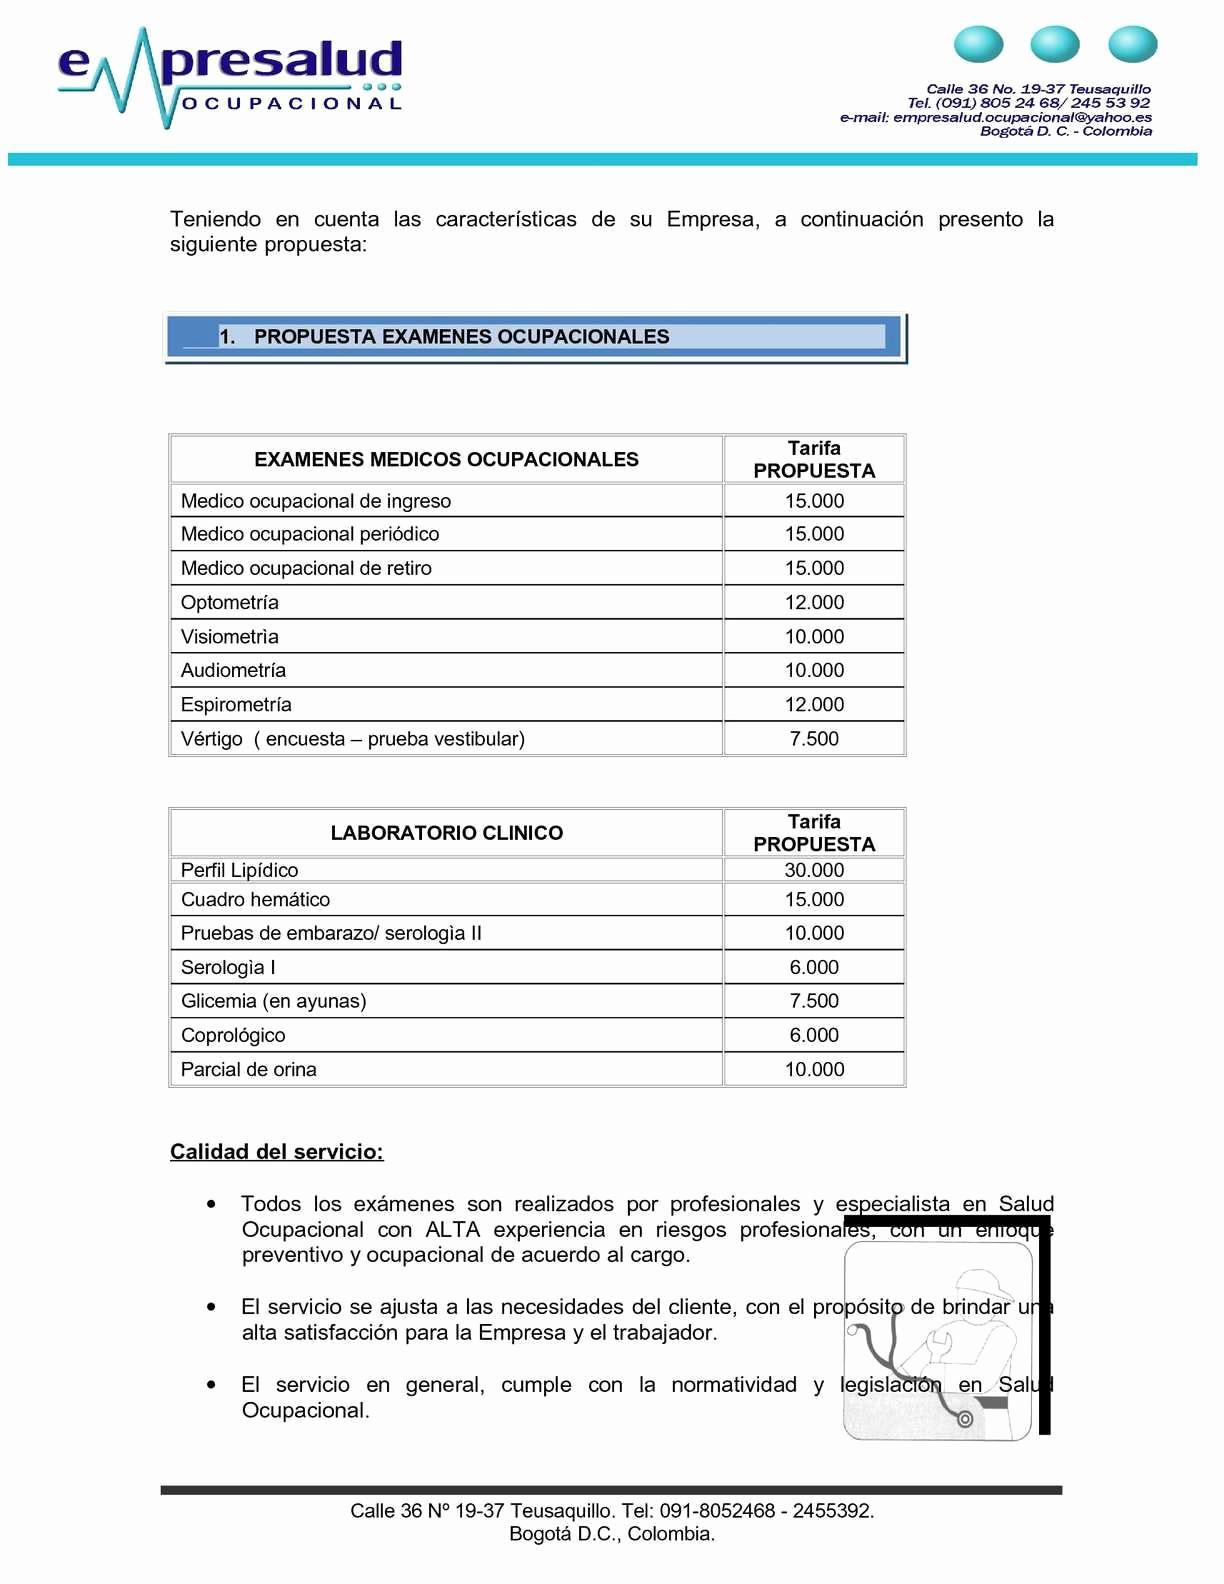 Formato Cotizacion De Servicios Profesionales Luxury Ejemplo Propuesta De Servicios Calameo Downloader